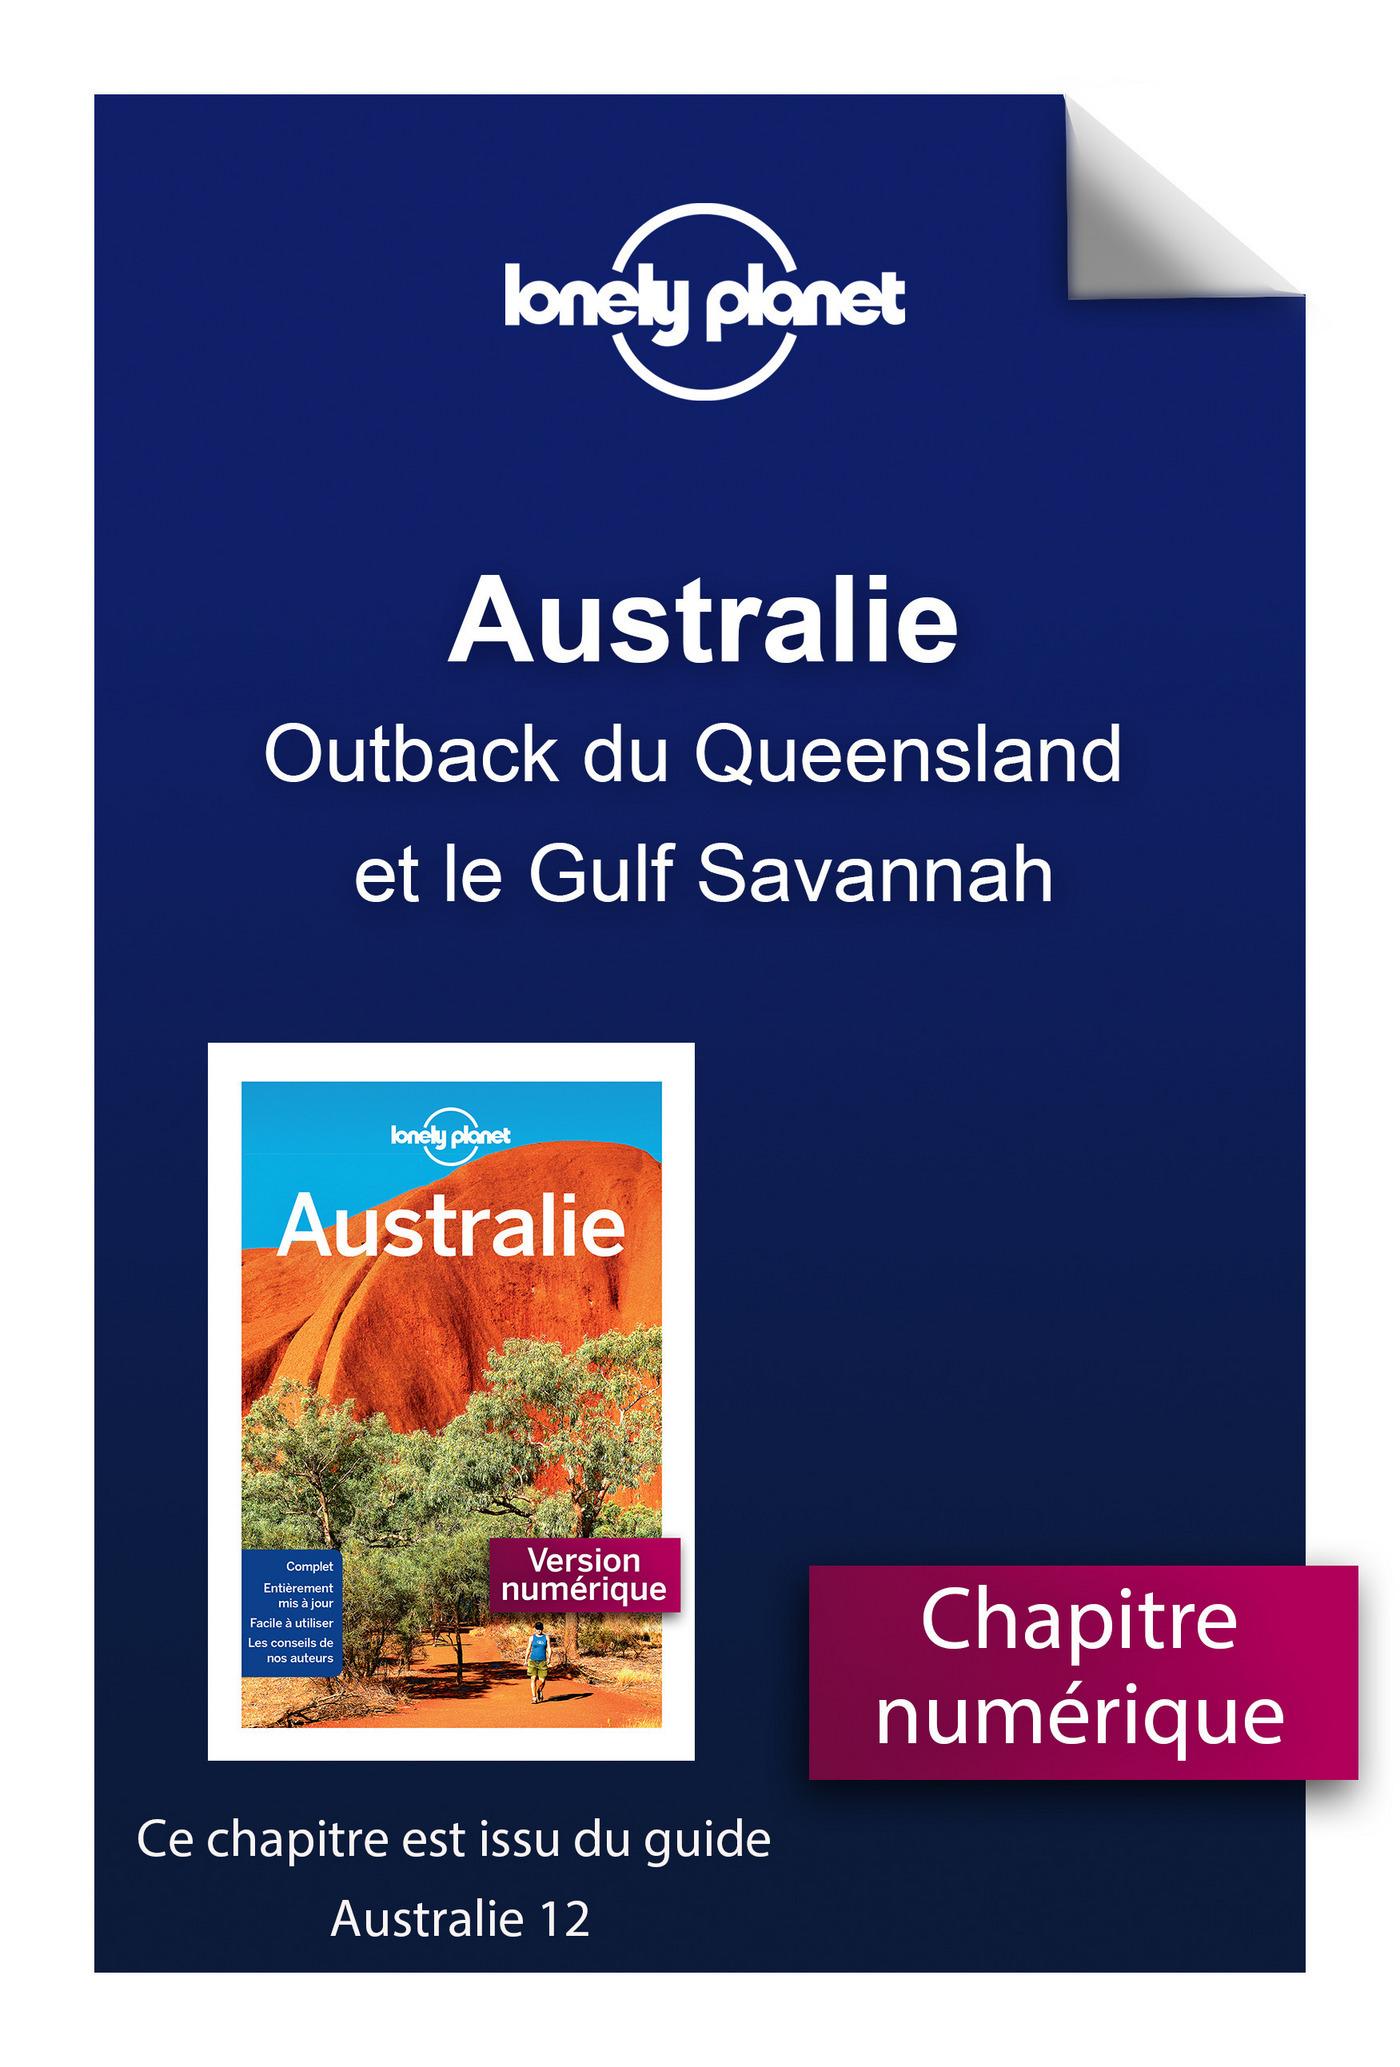 Australie - Outback du Queensland et le Gulf Savannah